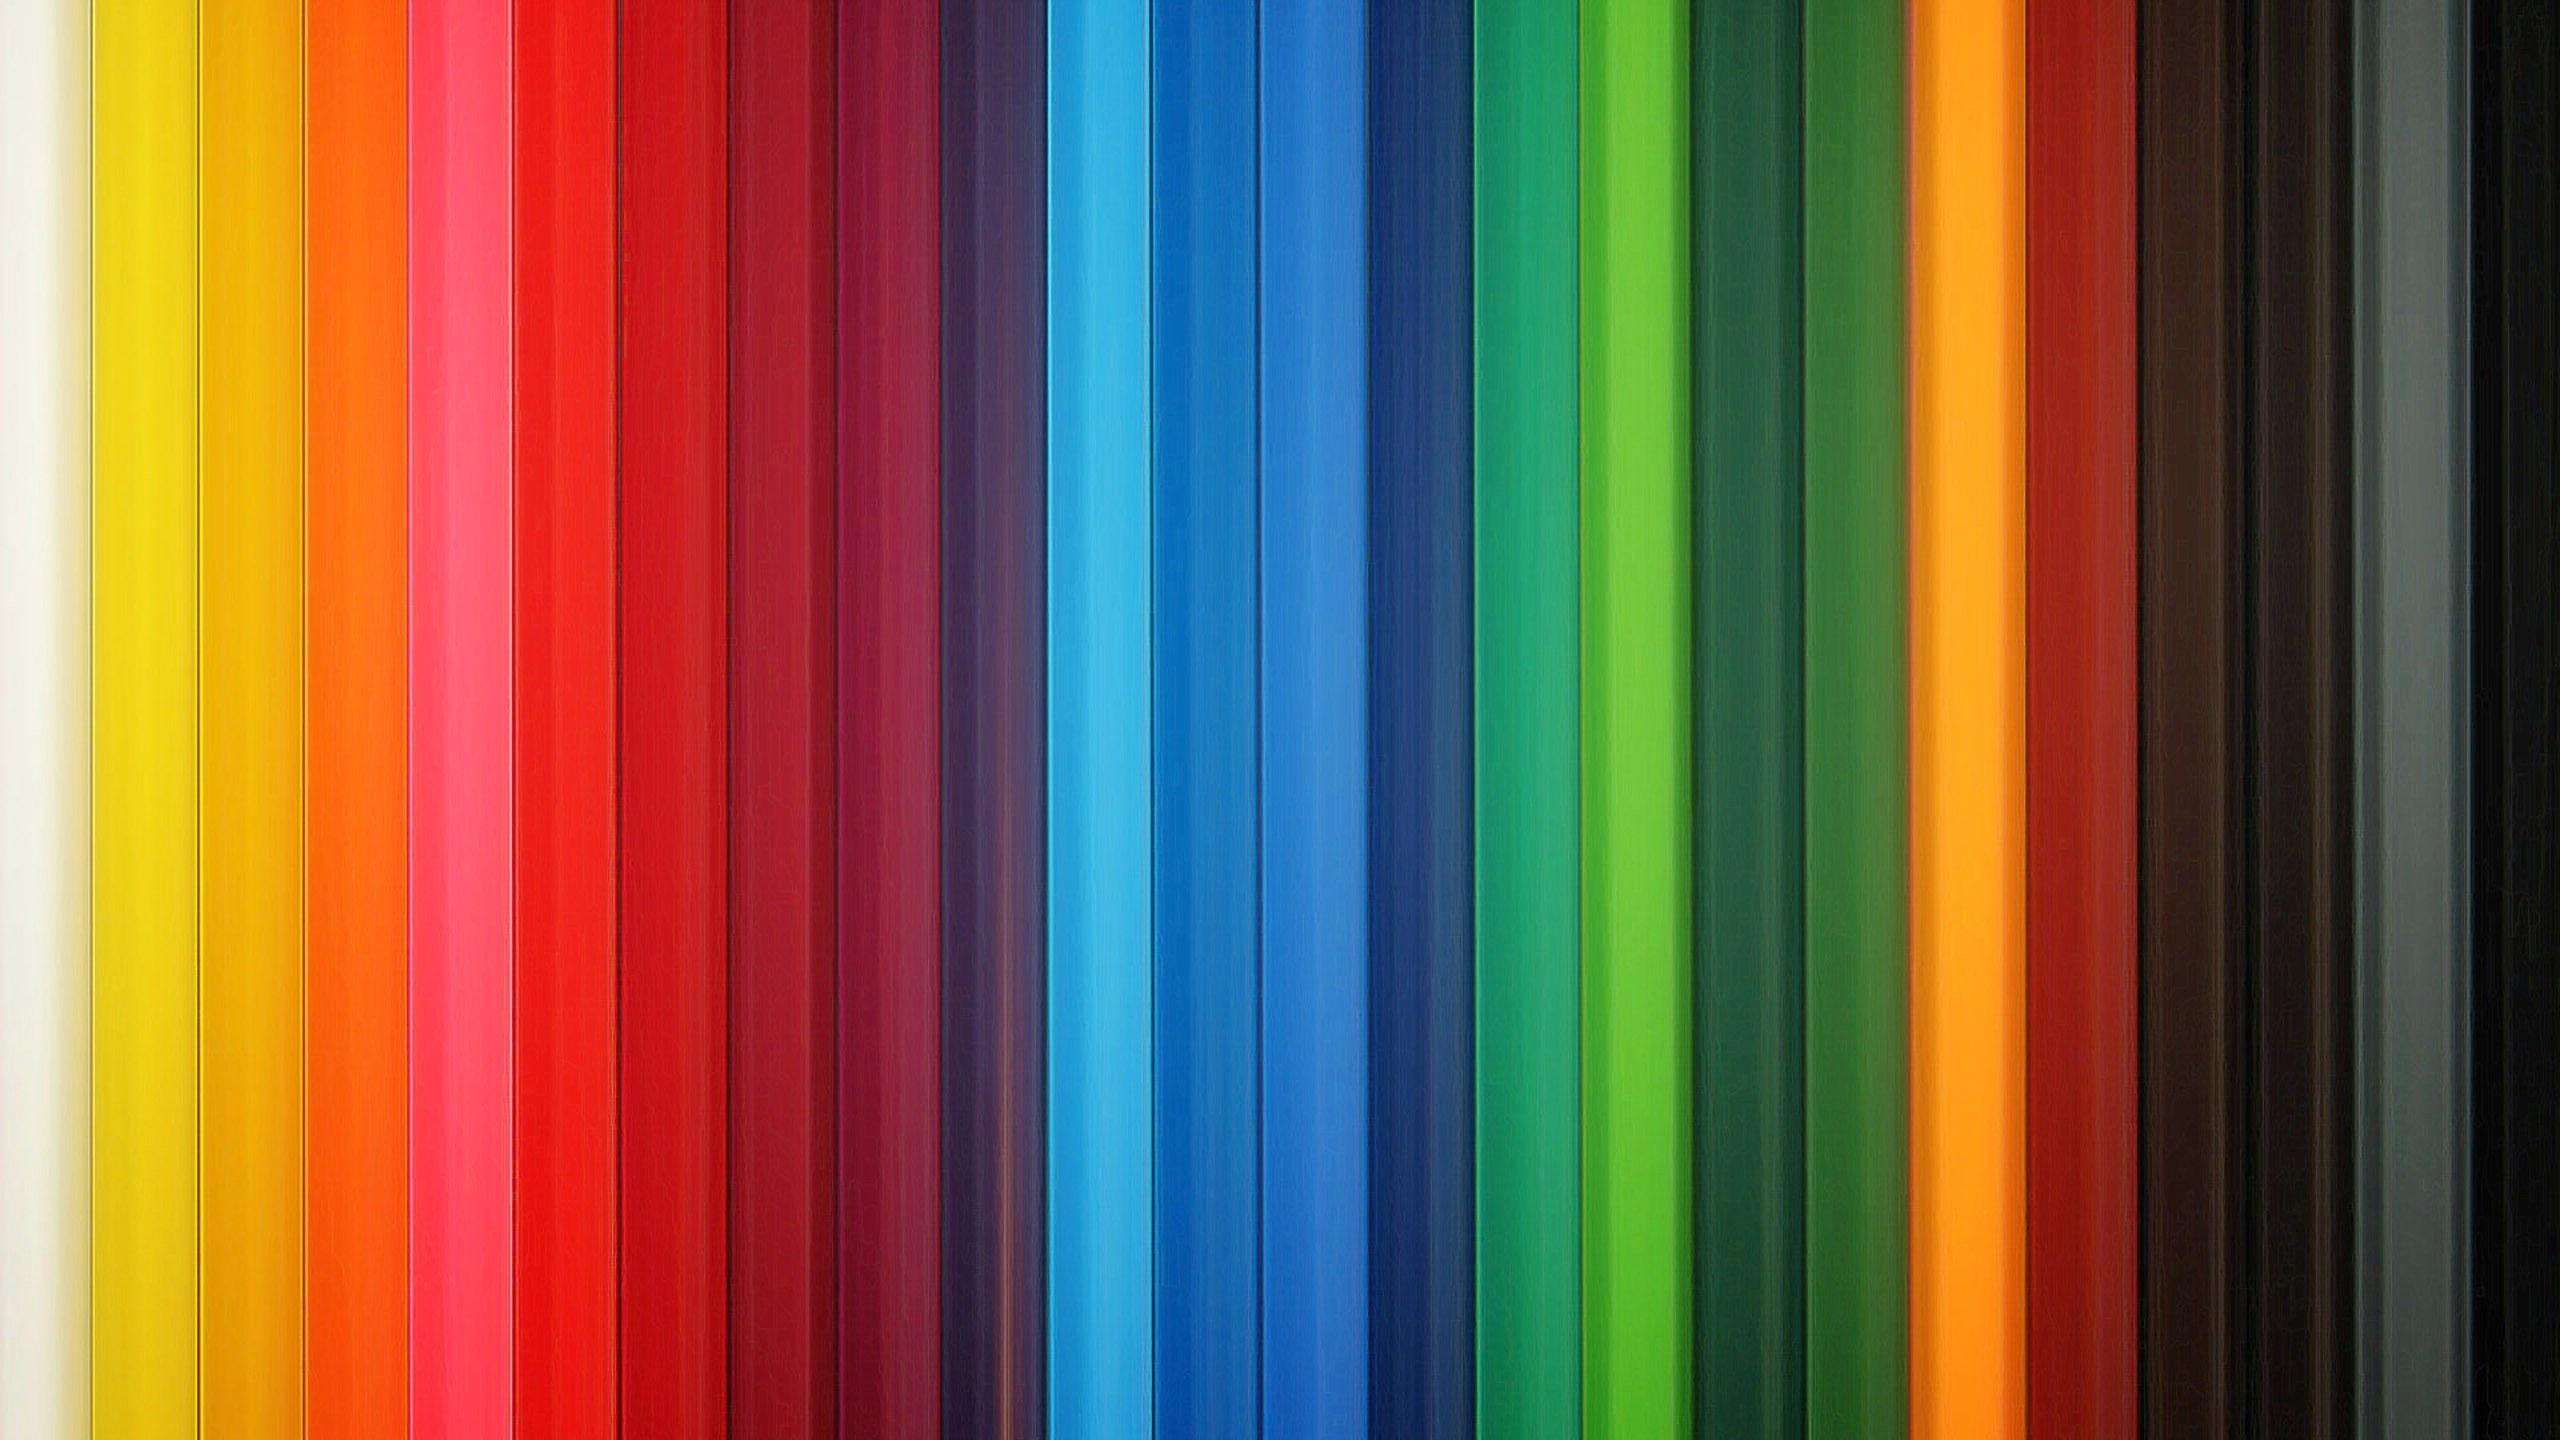 下载壁纸 2560x1440 QHD高清 24种颜色的背景 桌面背景